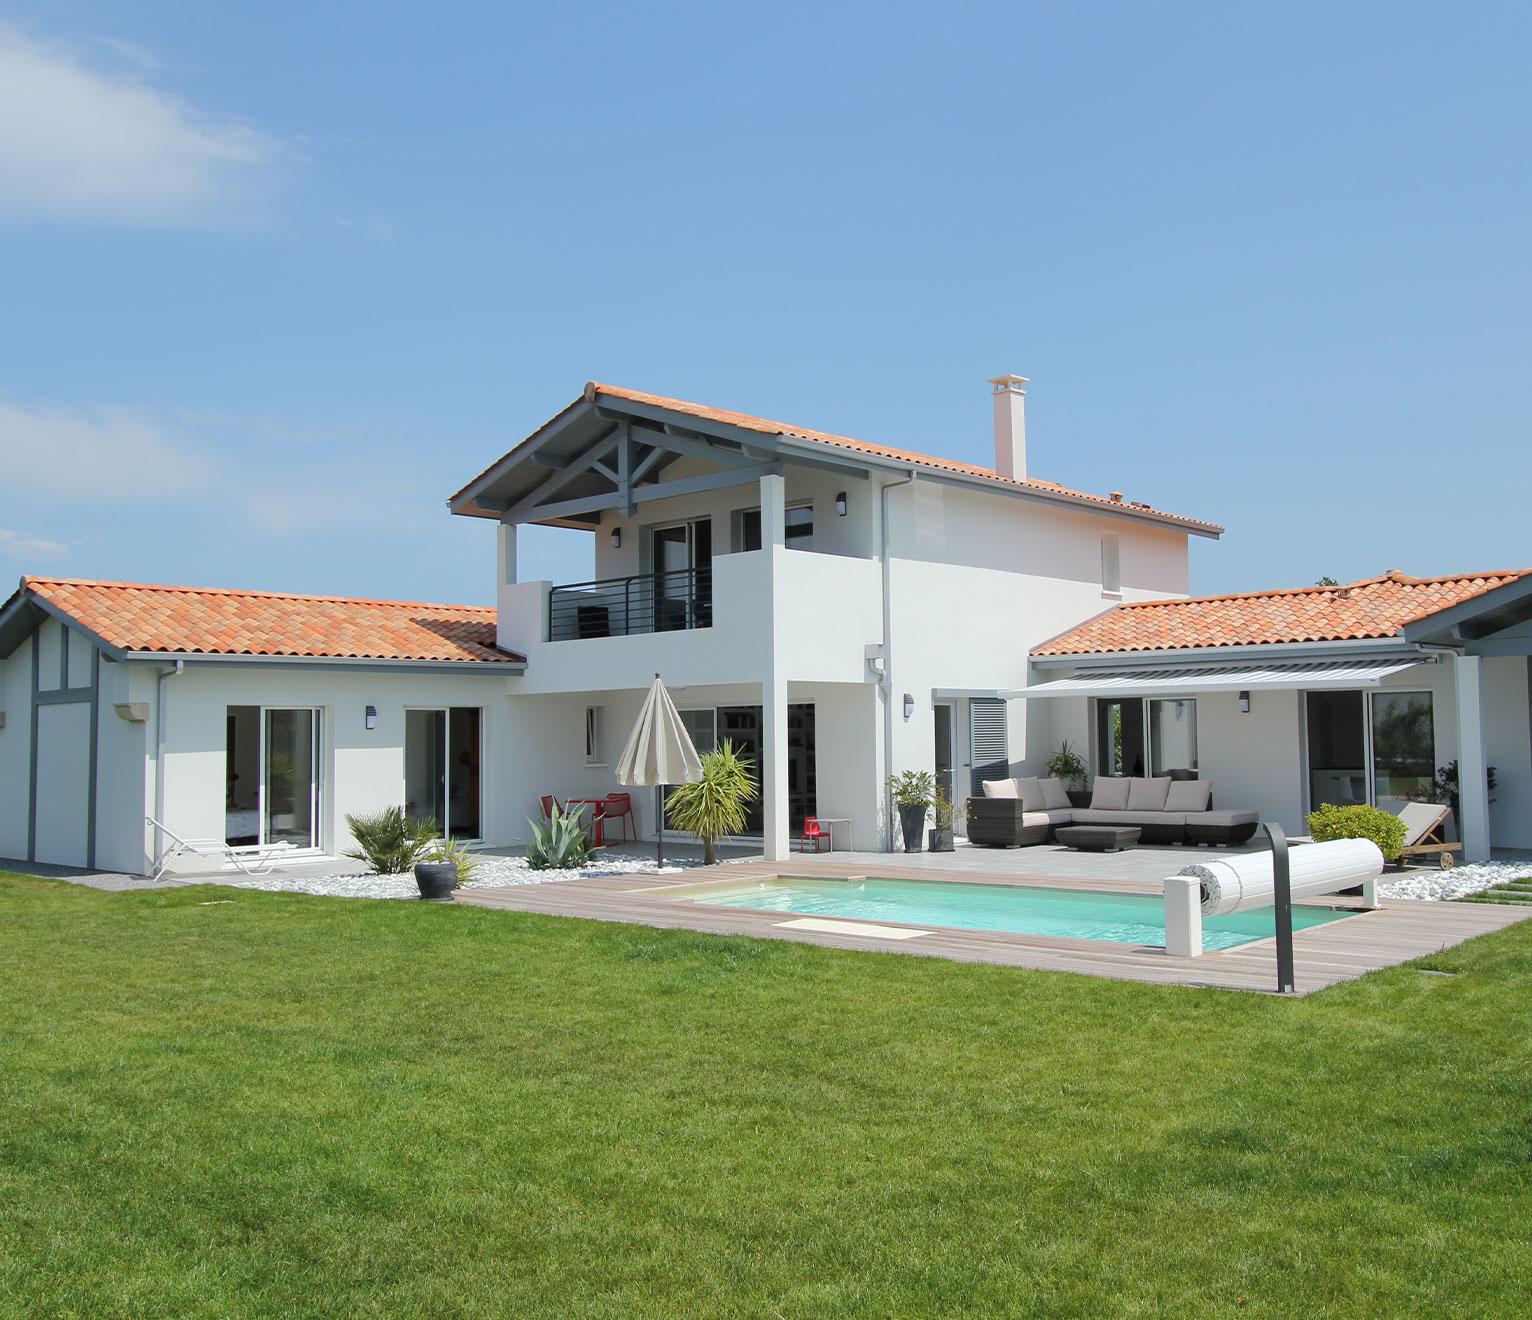 belle maison familiale dans le Pays basque